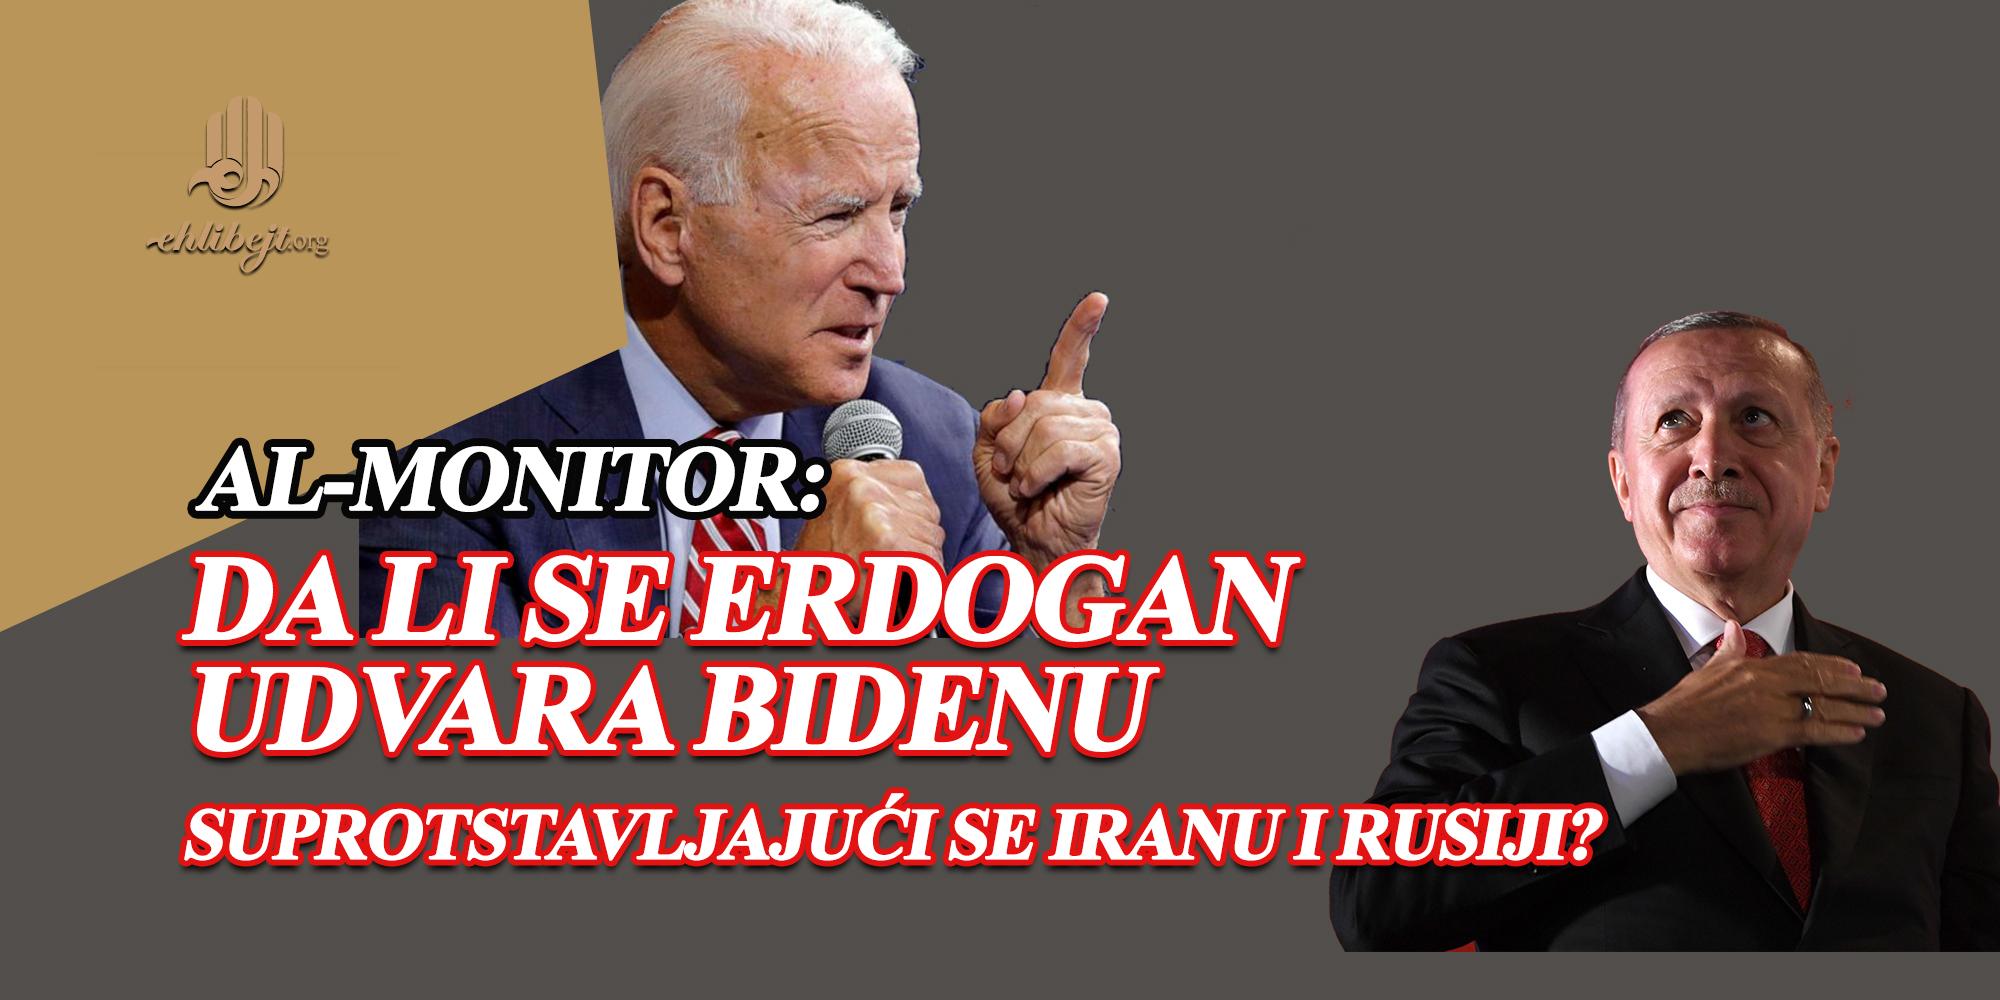 Da li se Erdogan udvara Bidenu suprotstavljajući se Iranu i Rusiji?